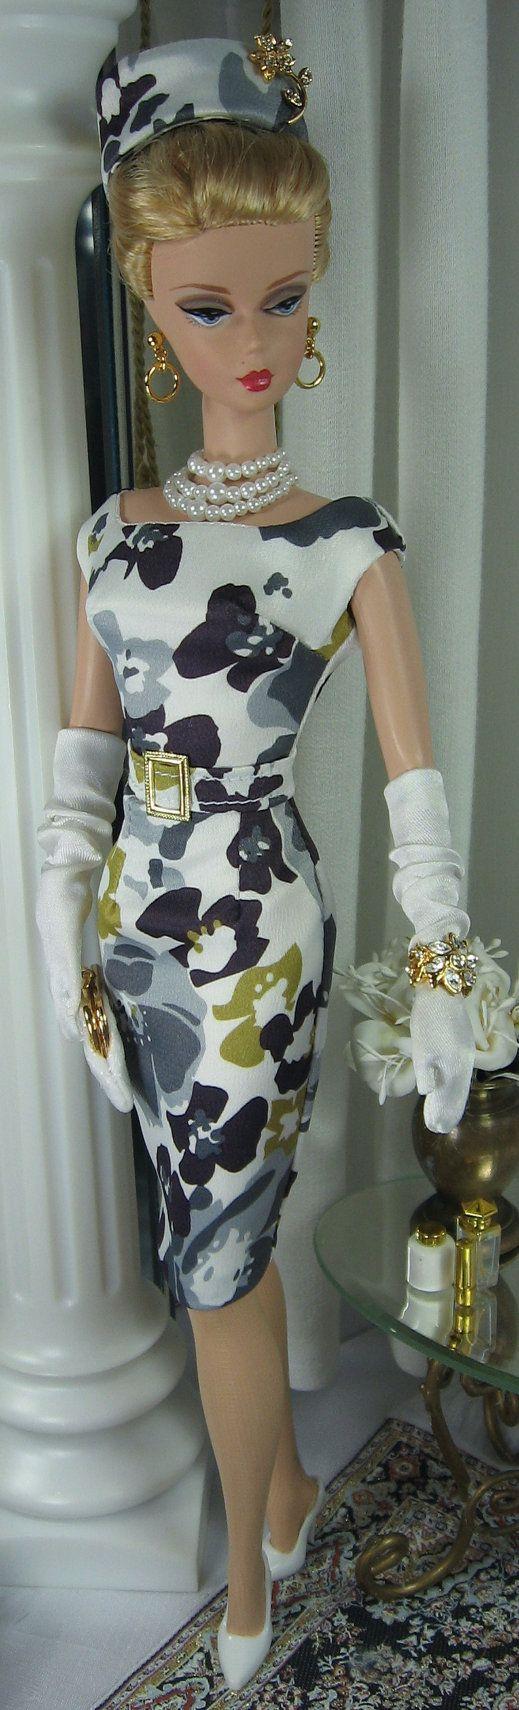 De 25 bedste id233er inden for Mattel barbie p229 Pinterest  : bf798736f4fdf96b1cc702fa44a1c675 barbie girl barbie dolls from www.pinterest.dk size 519 x 1710 jpeg 145kB